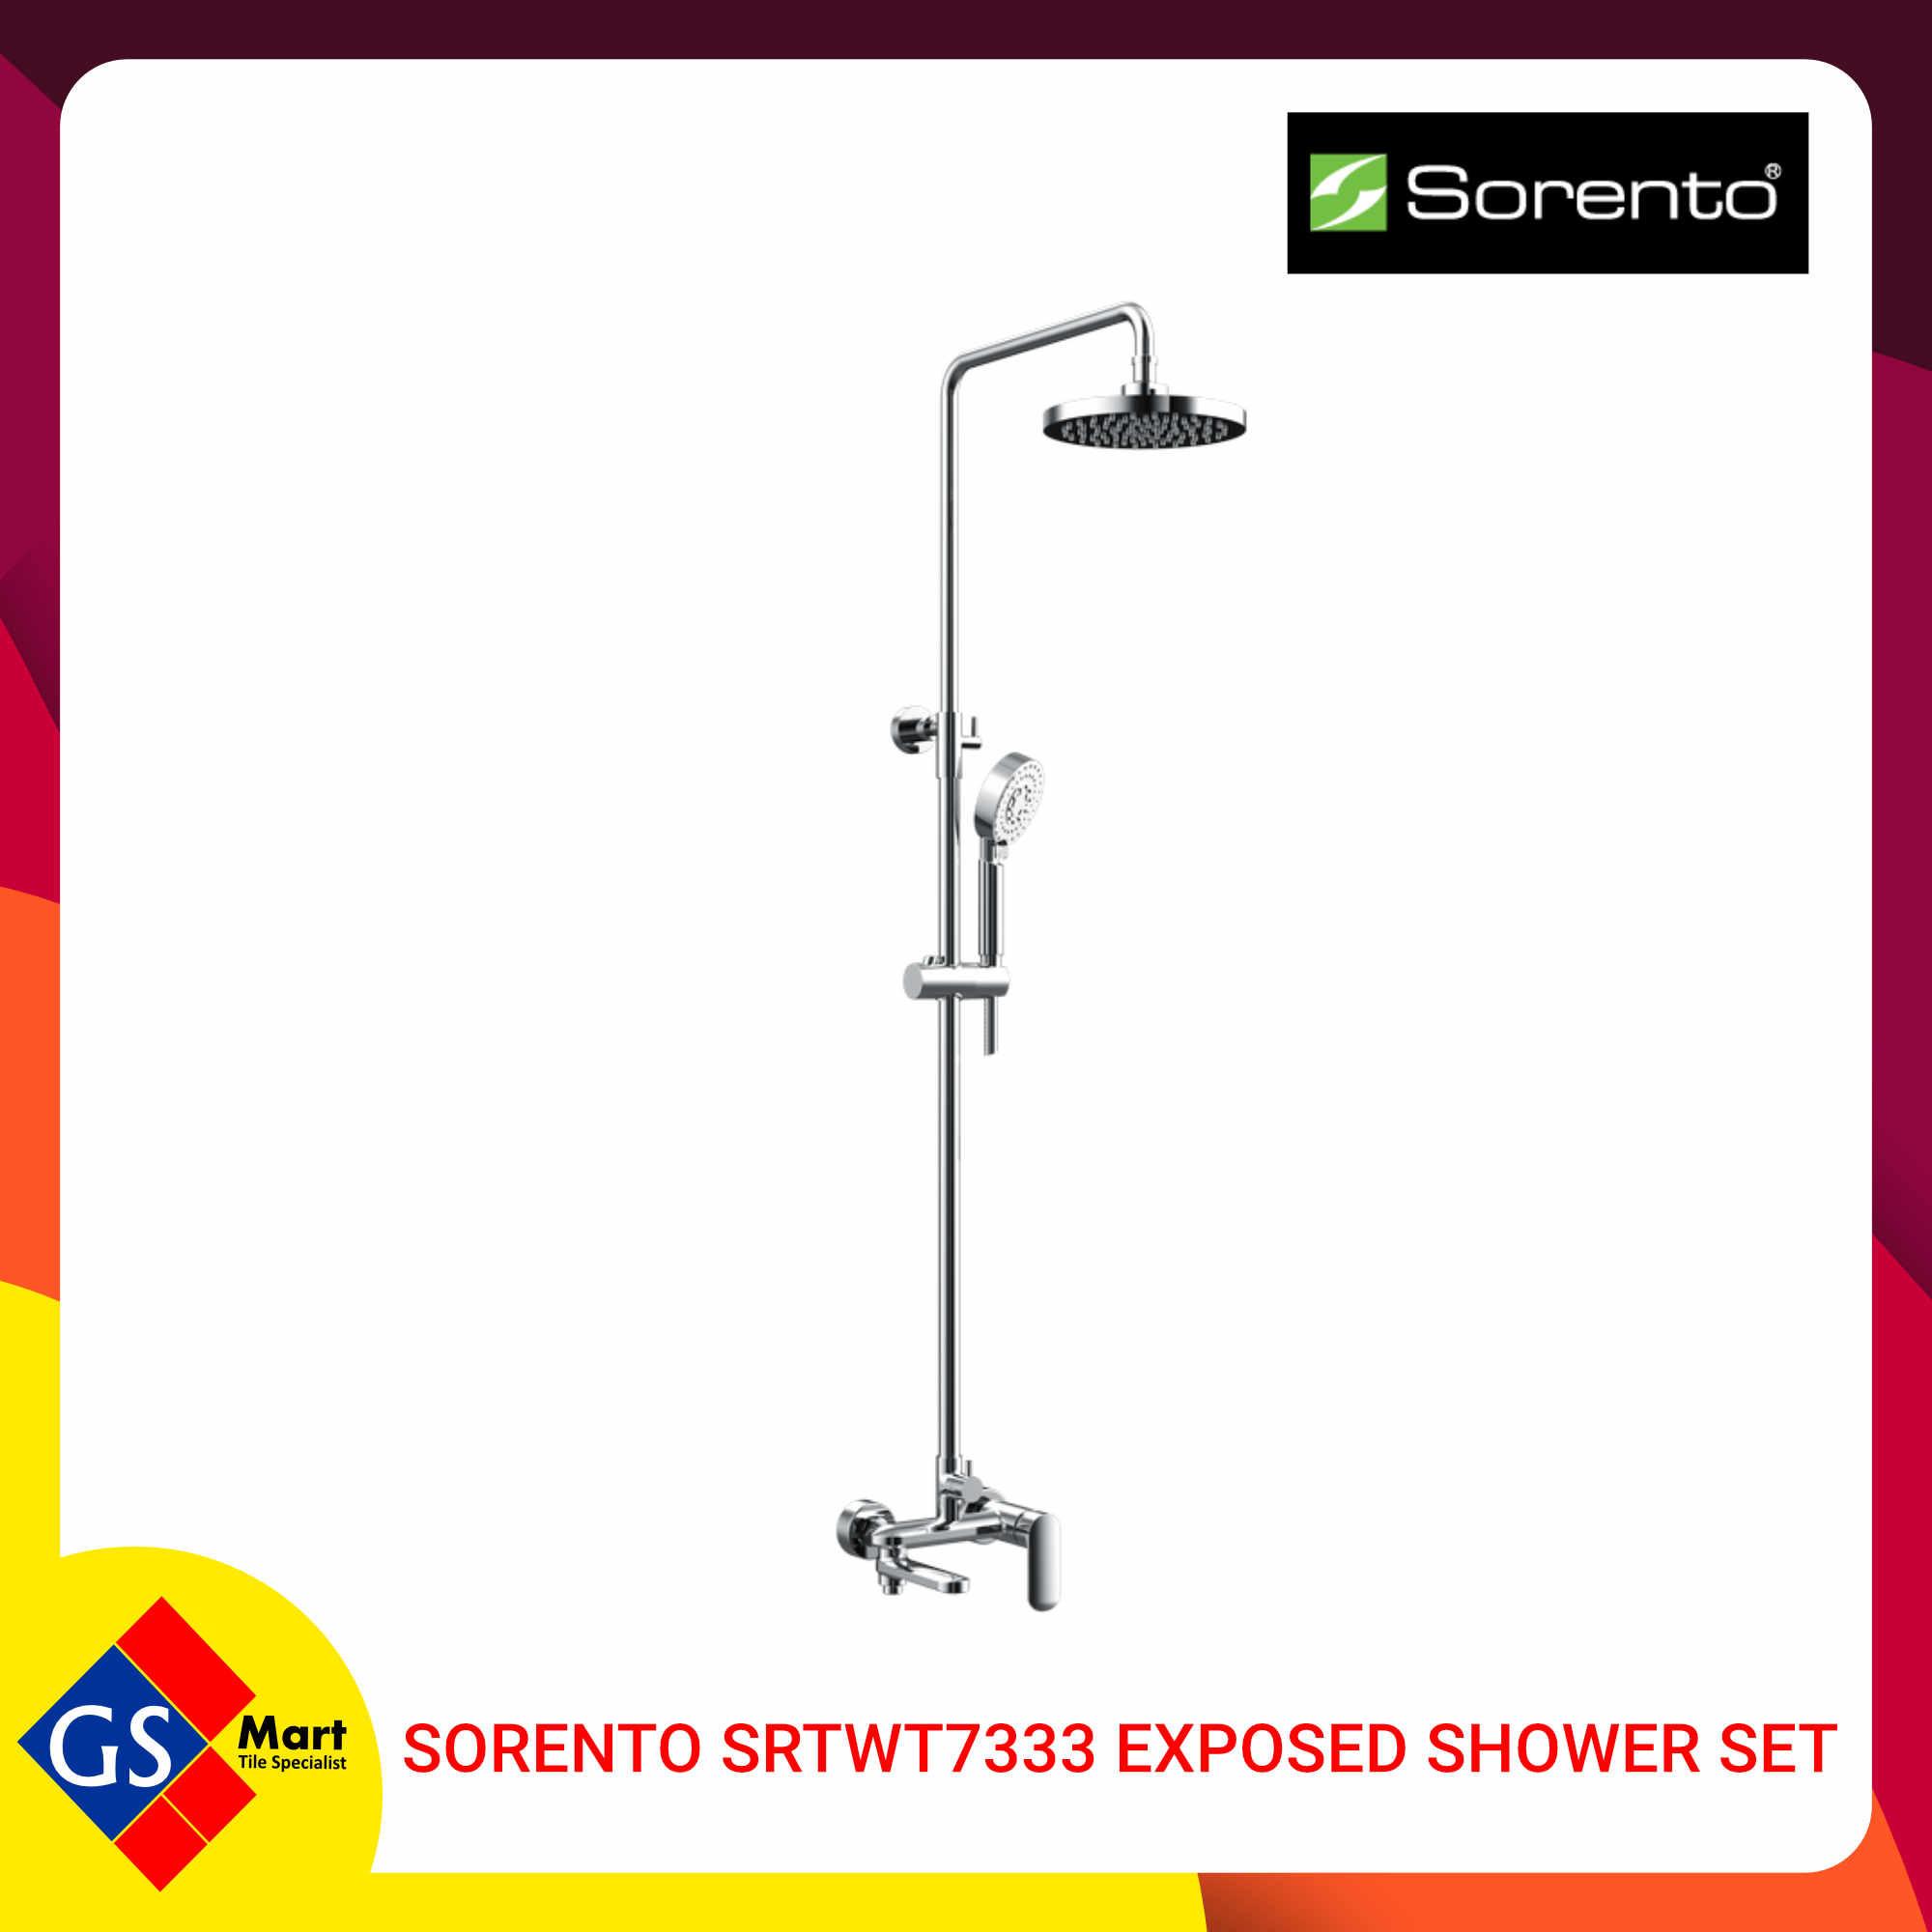 image of Sorento SRTWT7333 Exposed Shower Set